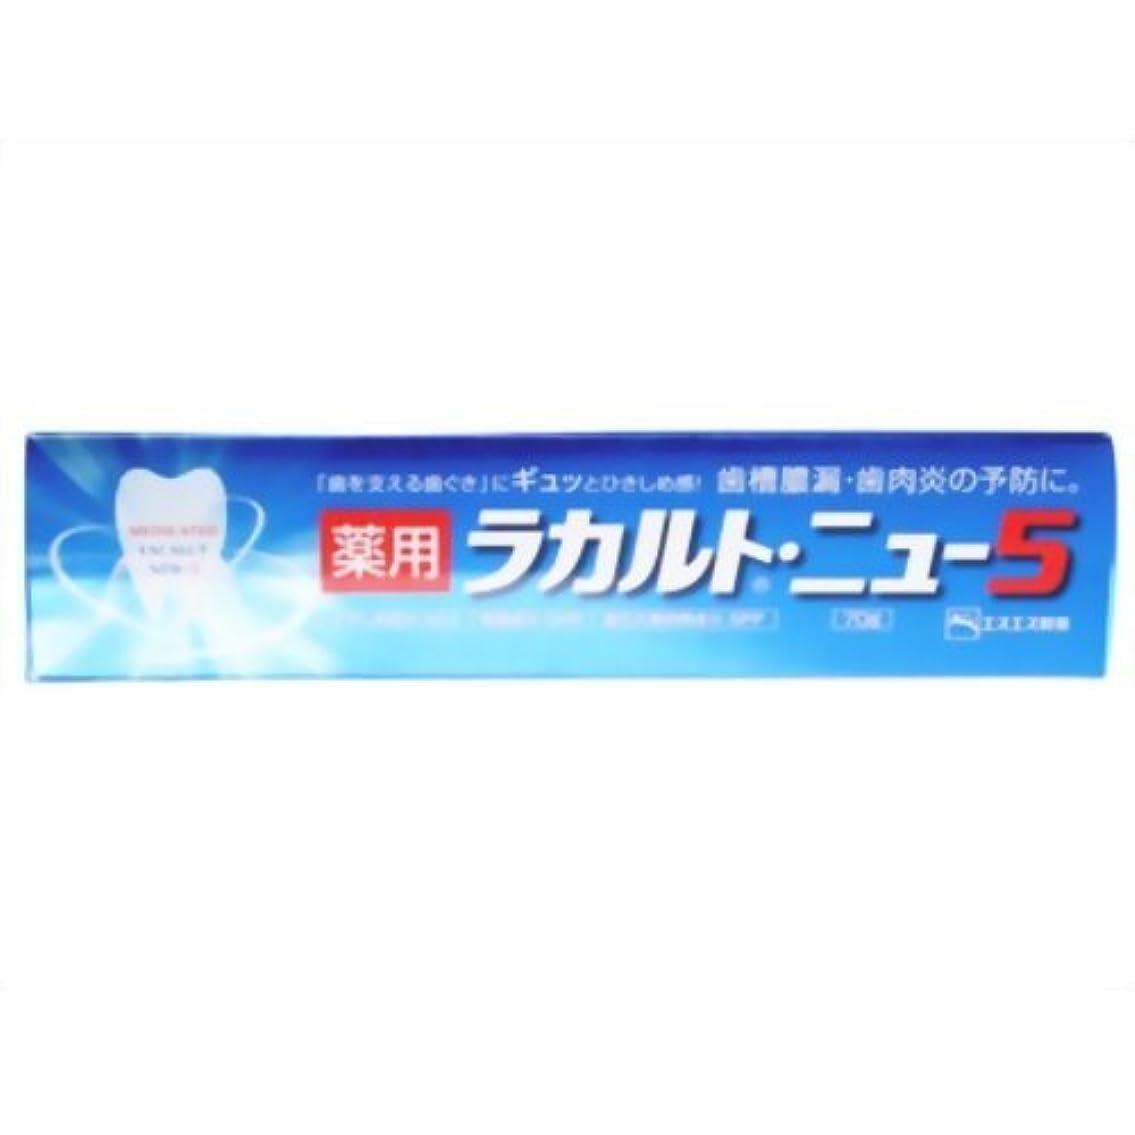 肺オセアニア兄【エスエス製薬】薬用ラカルト?ニュー5 70g ×3個セット